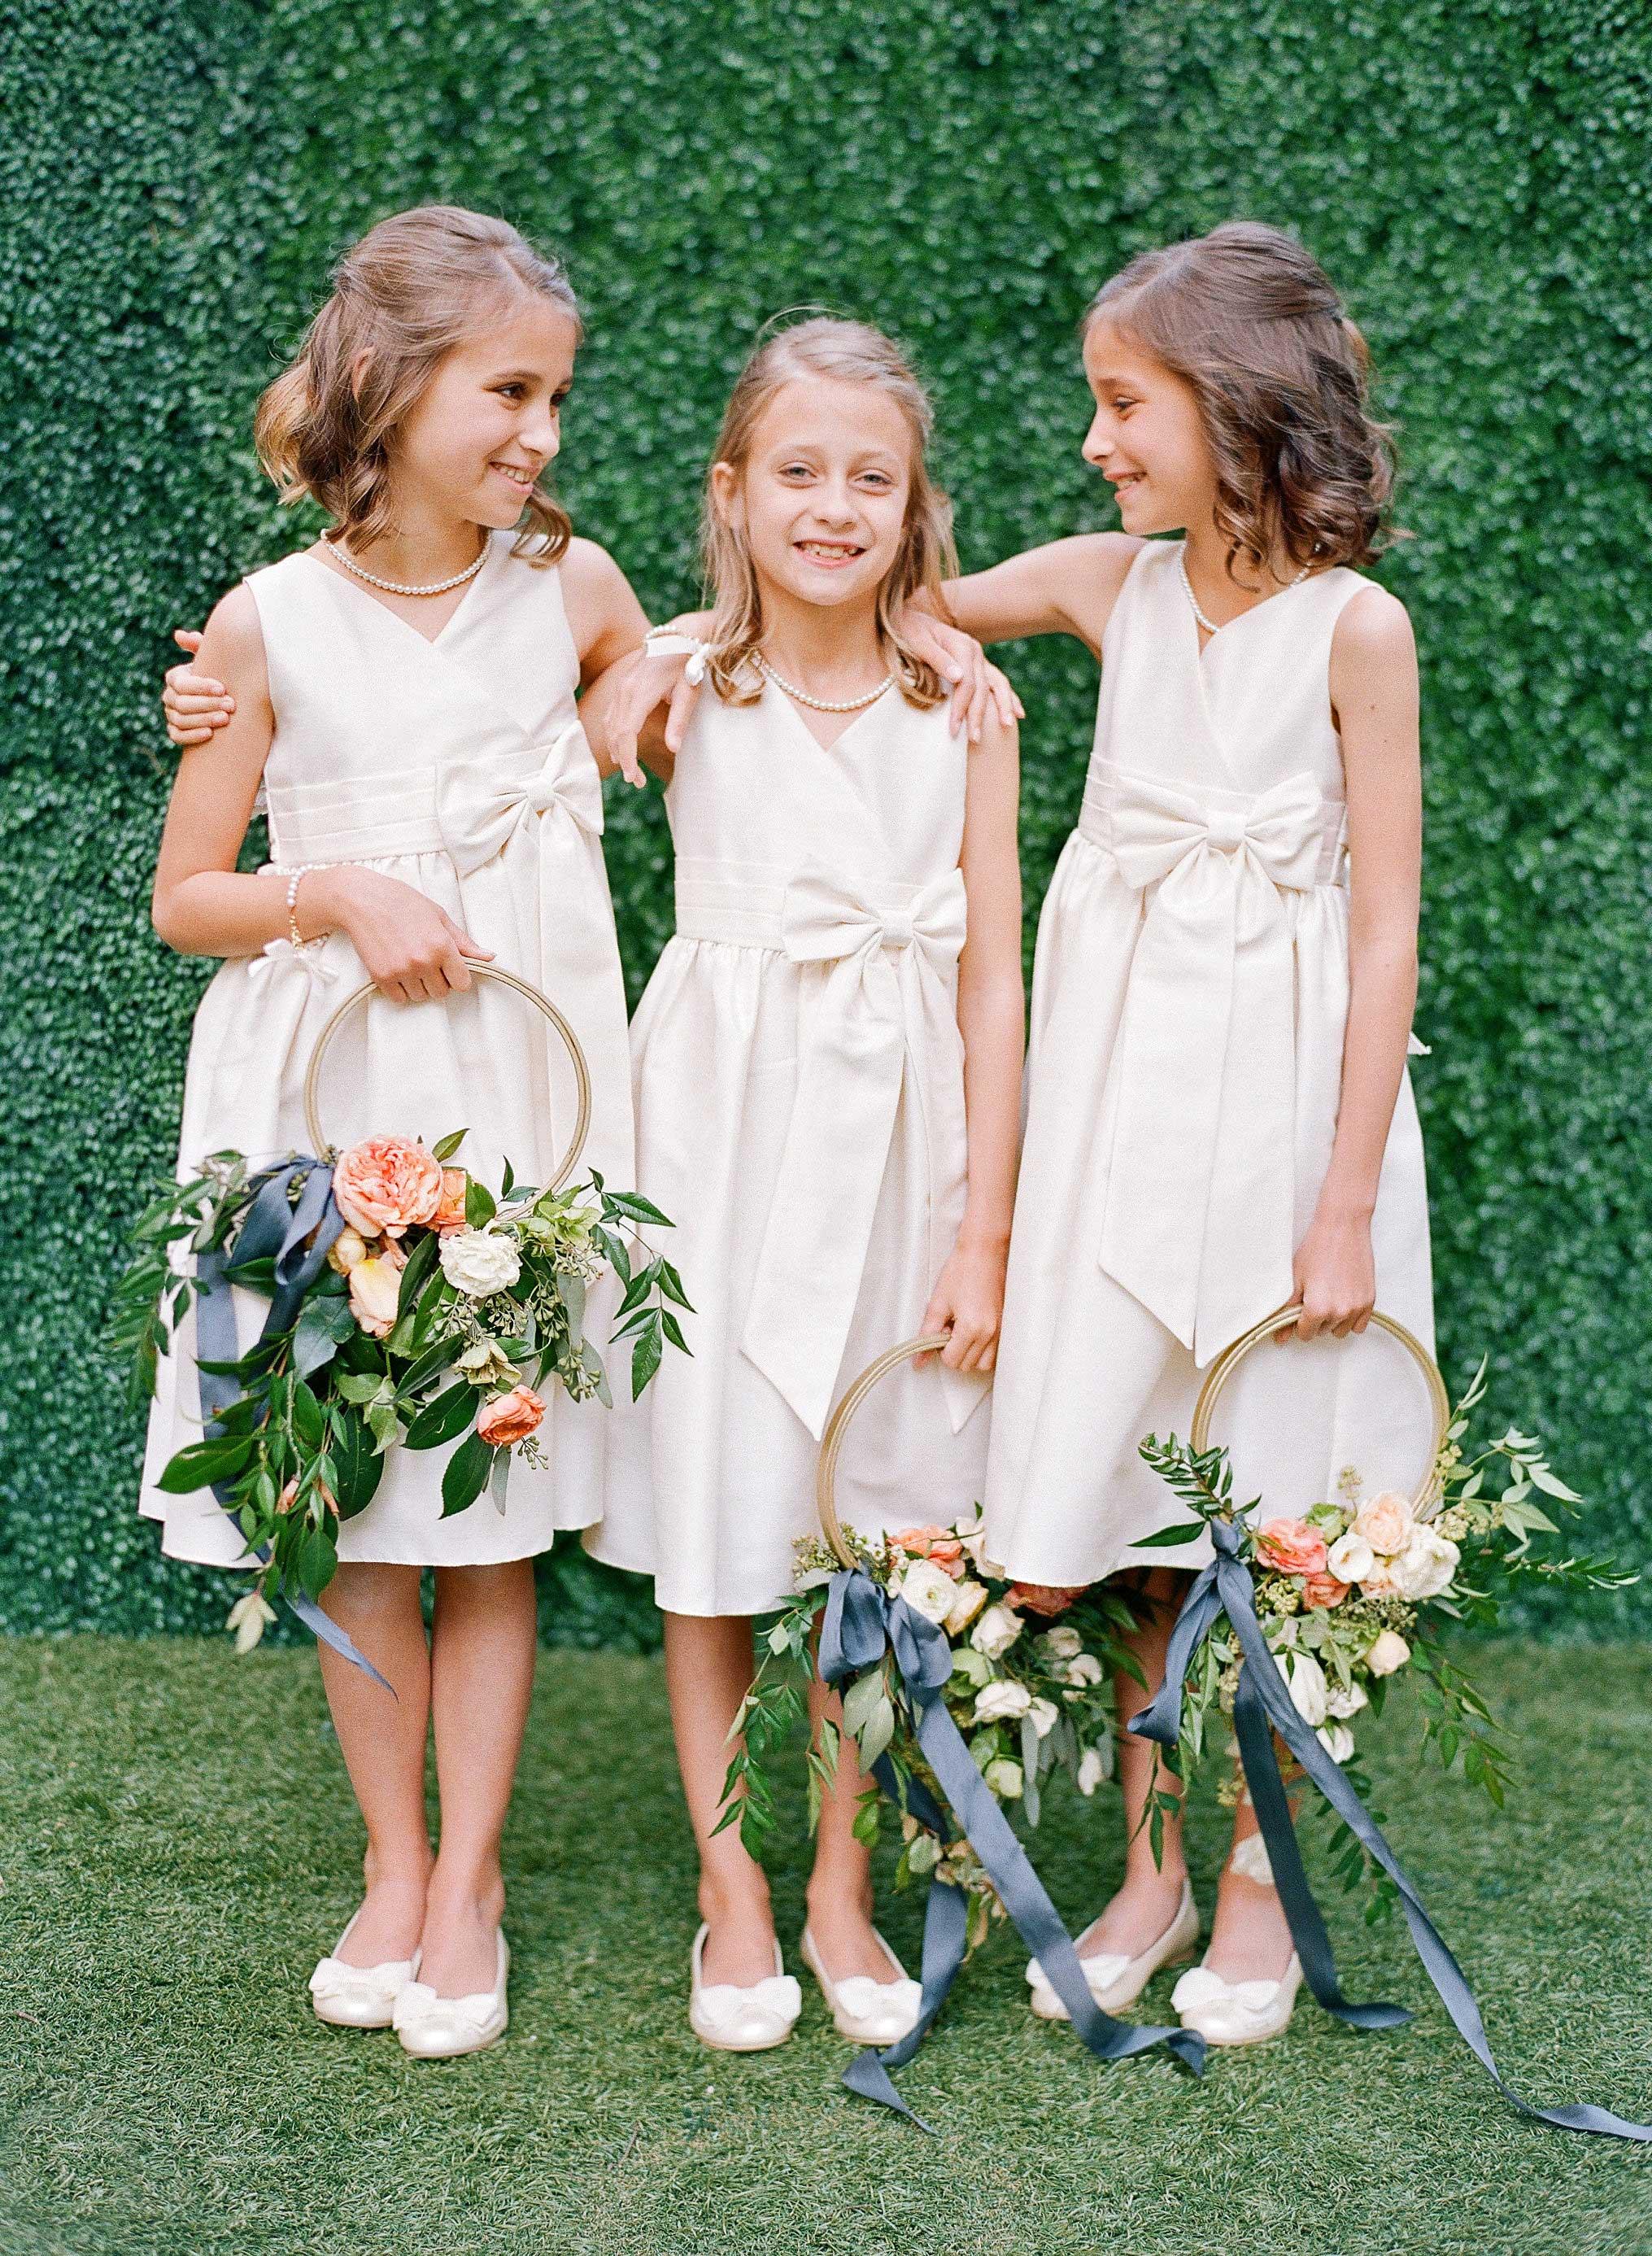 carey jared wedding flower girls